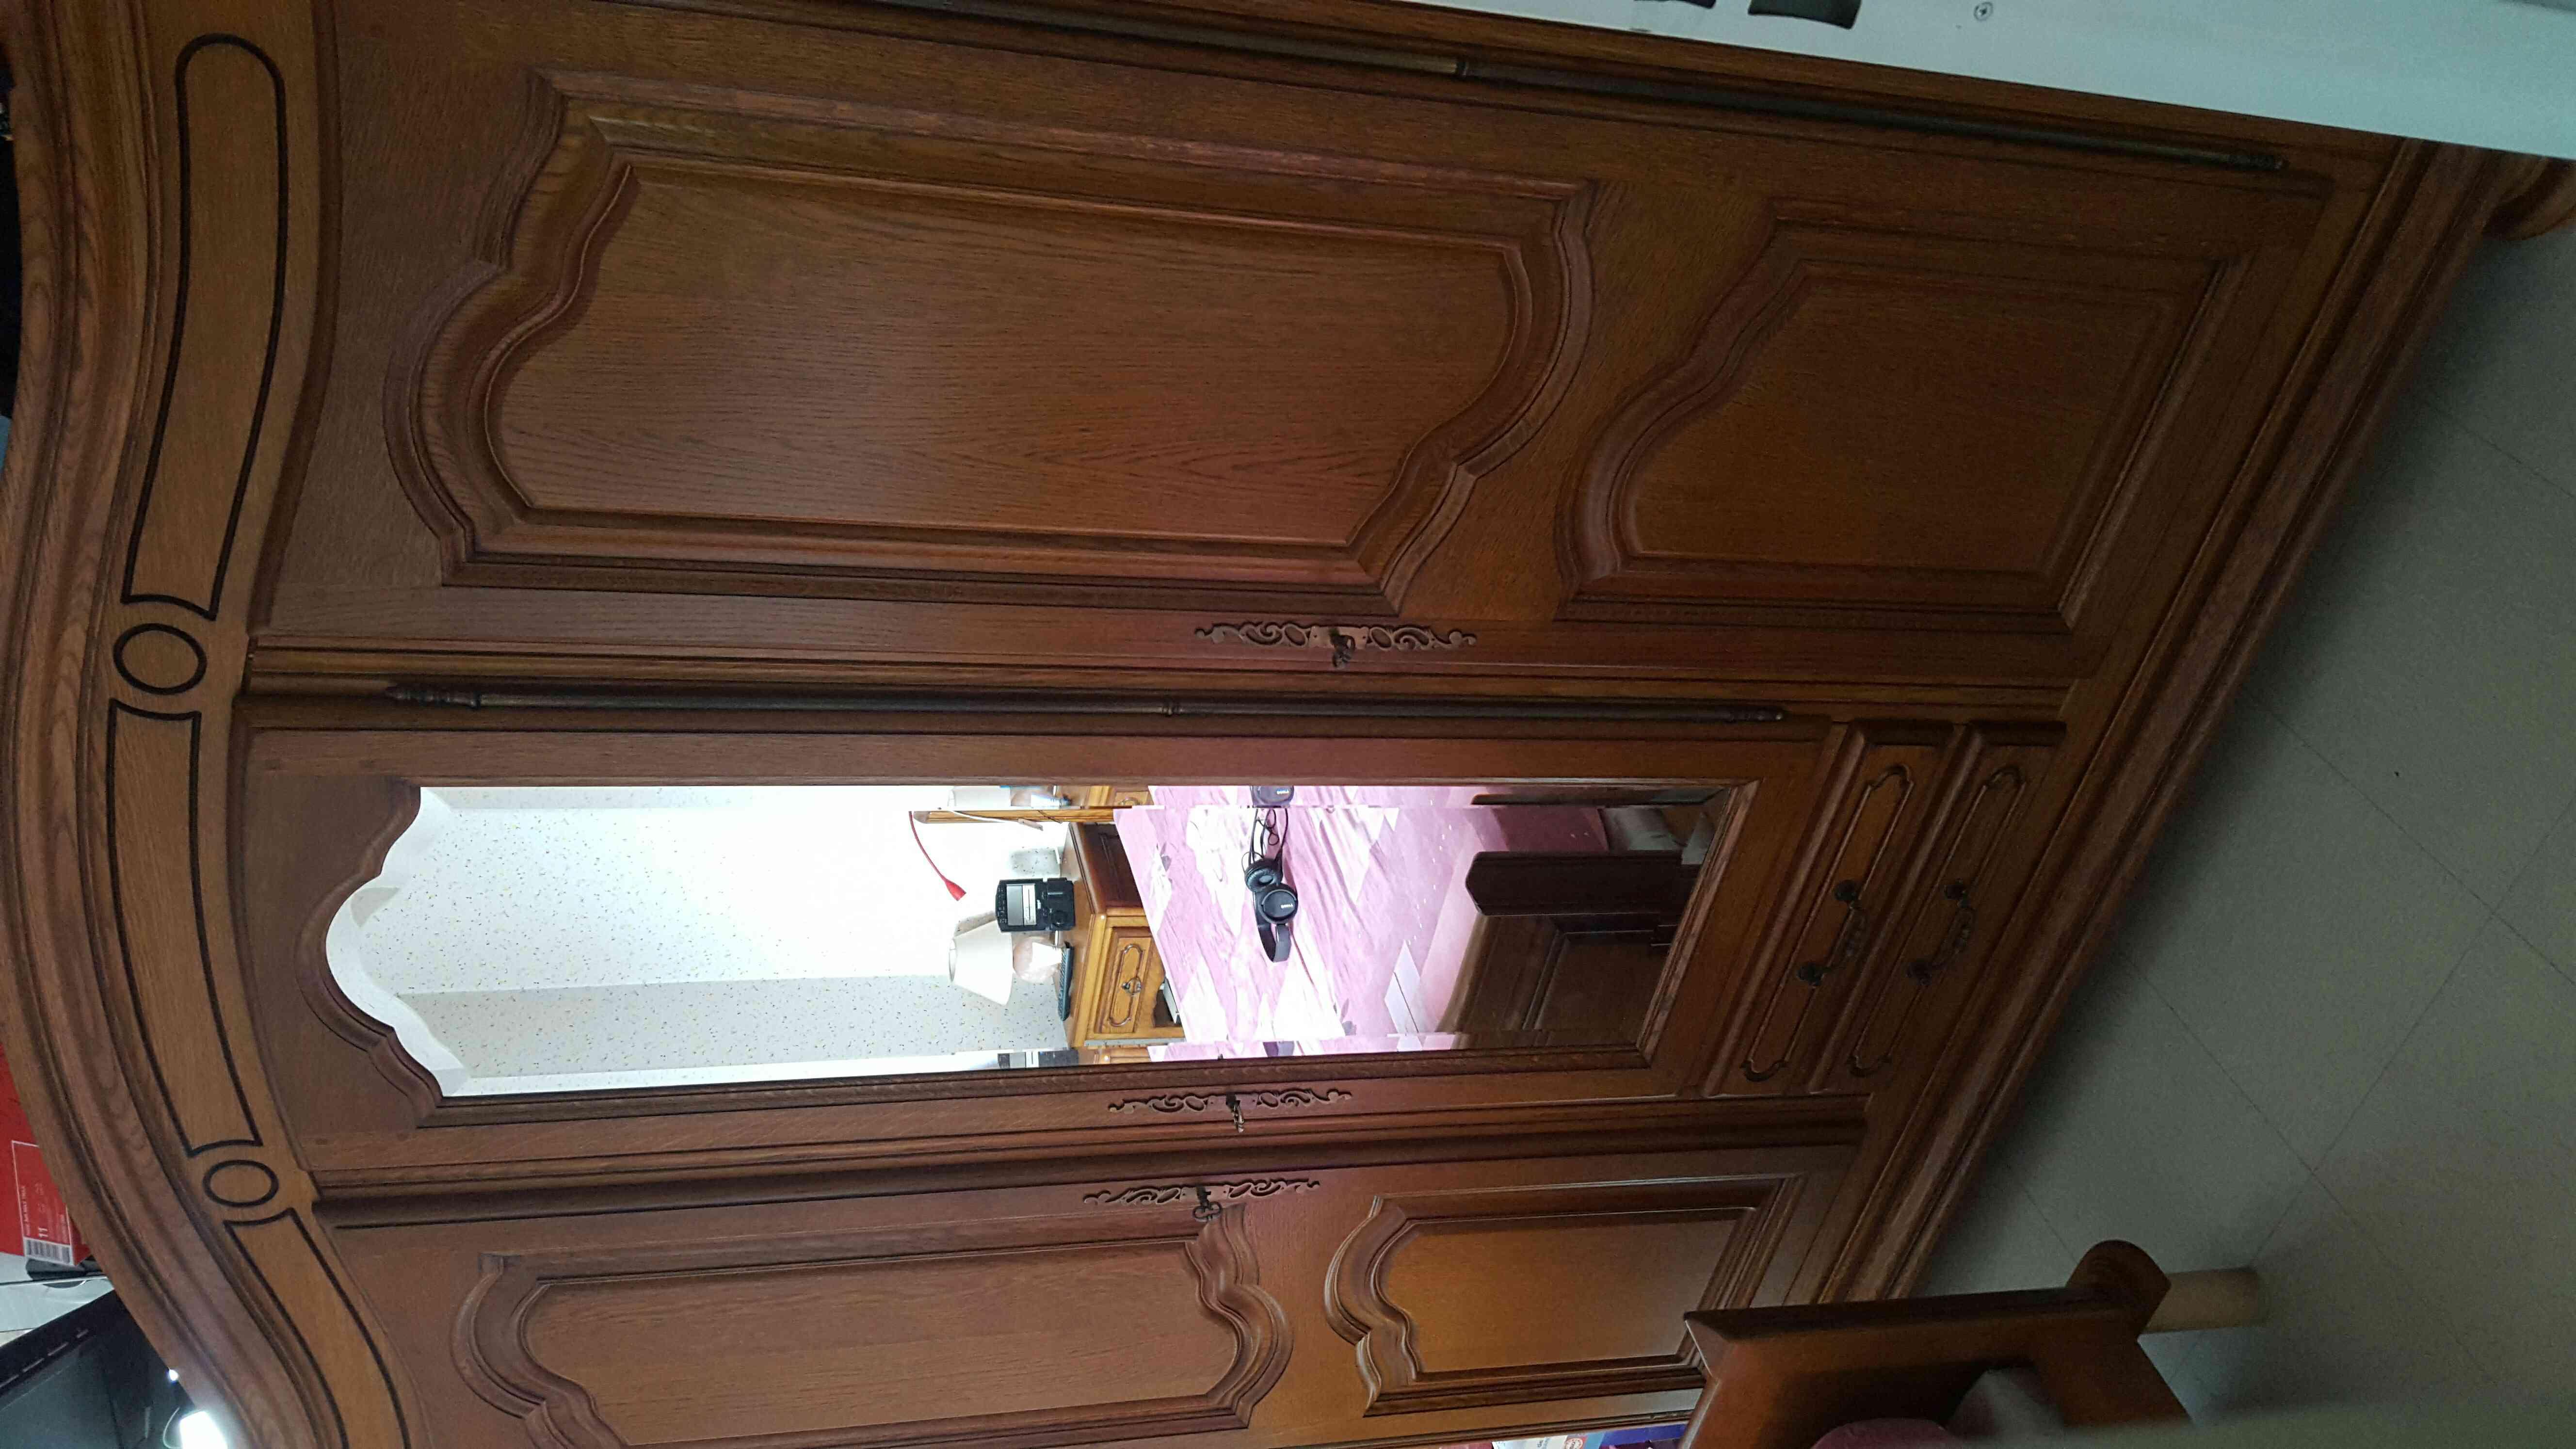 armoires en ch ne occasion en seine saint denis 93 annonces achat et vente de armoires en. Black Bedroom Furniture Sets. Home Design Ideas